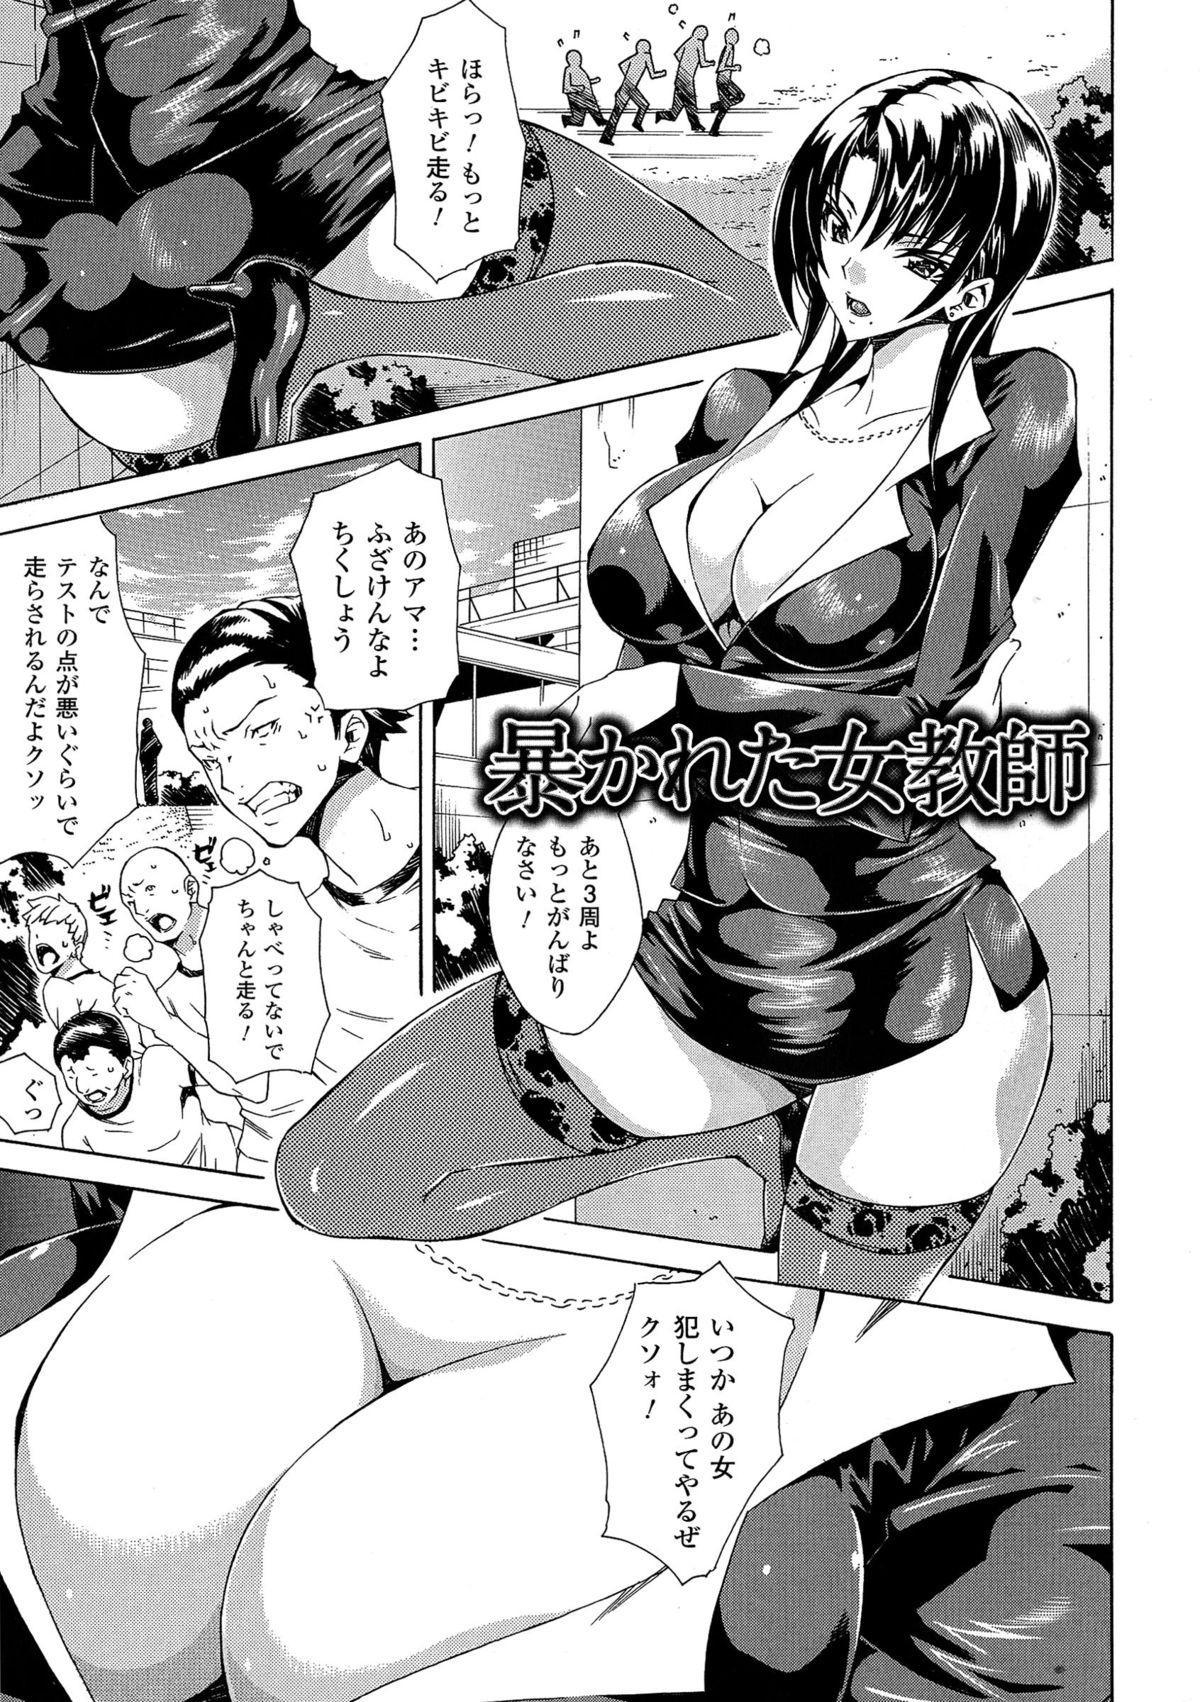 Kachiki na Onna ga Buzama na Ahegao o Sarasu made 64